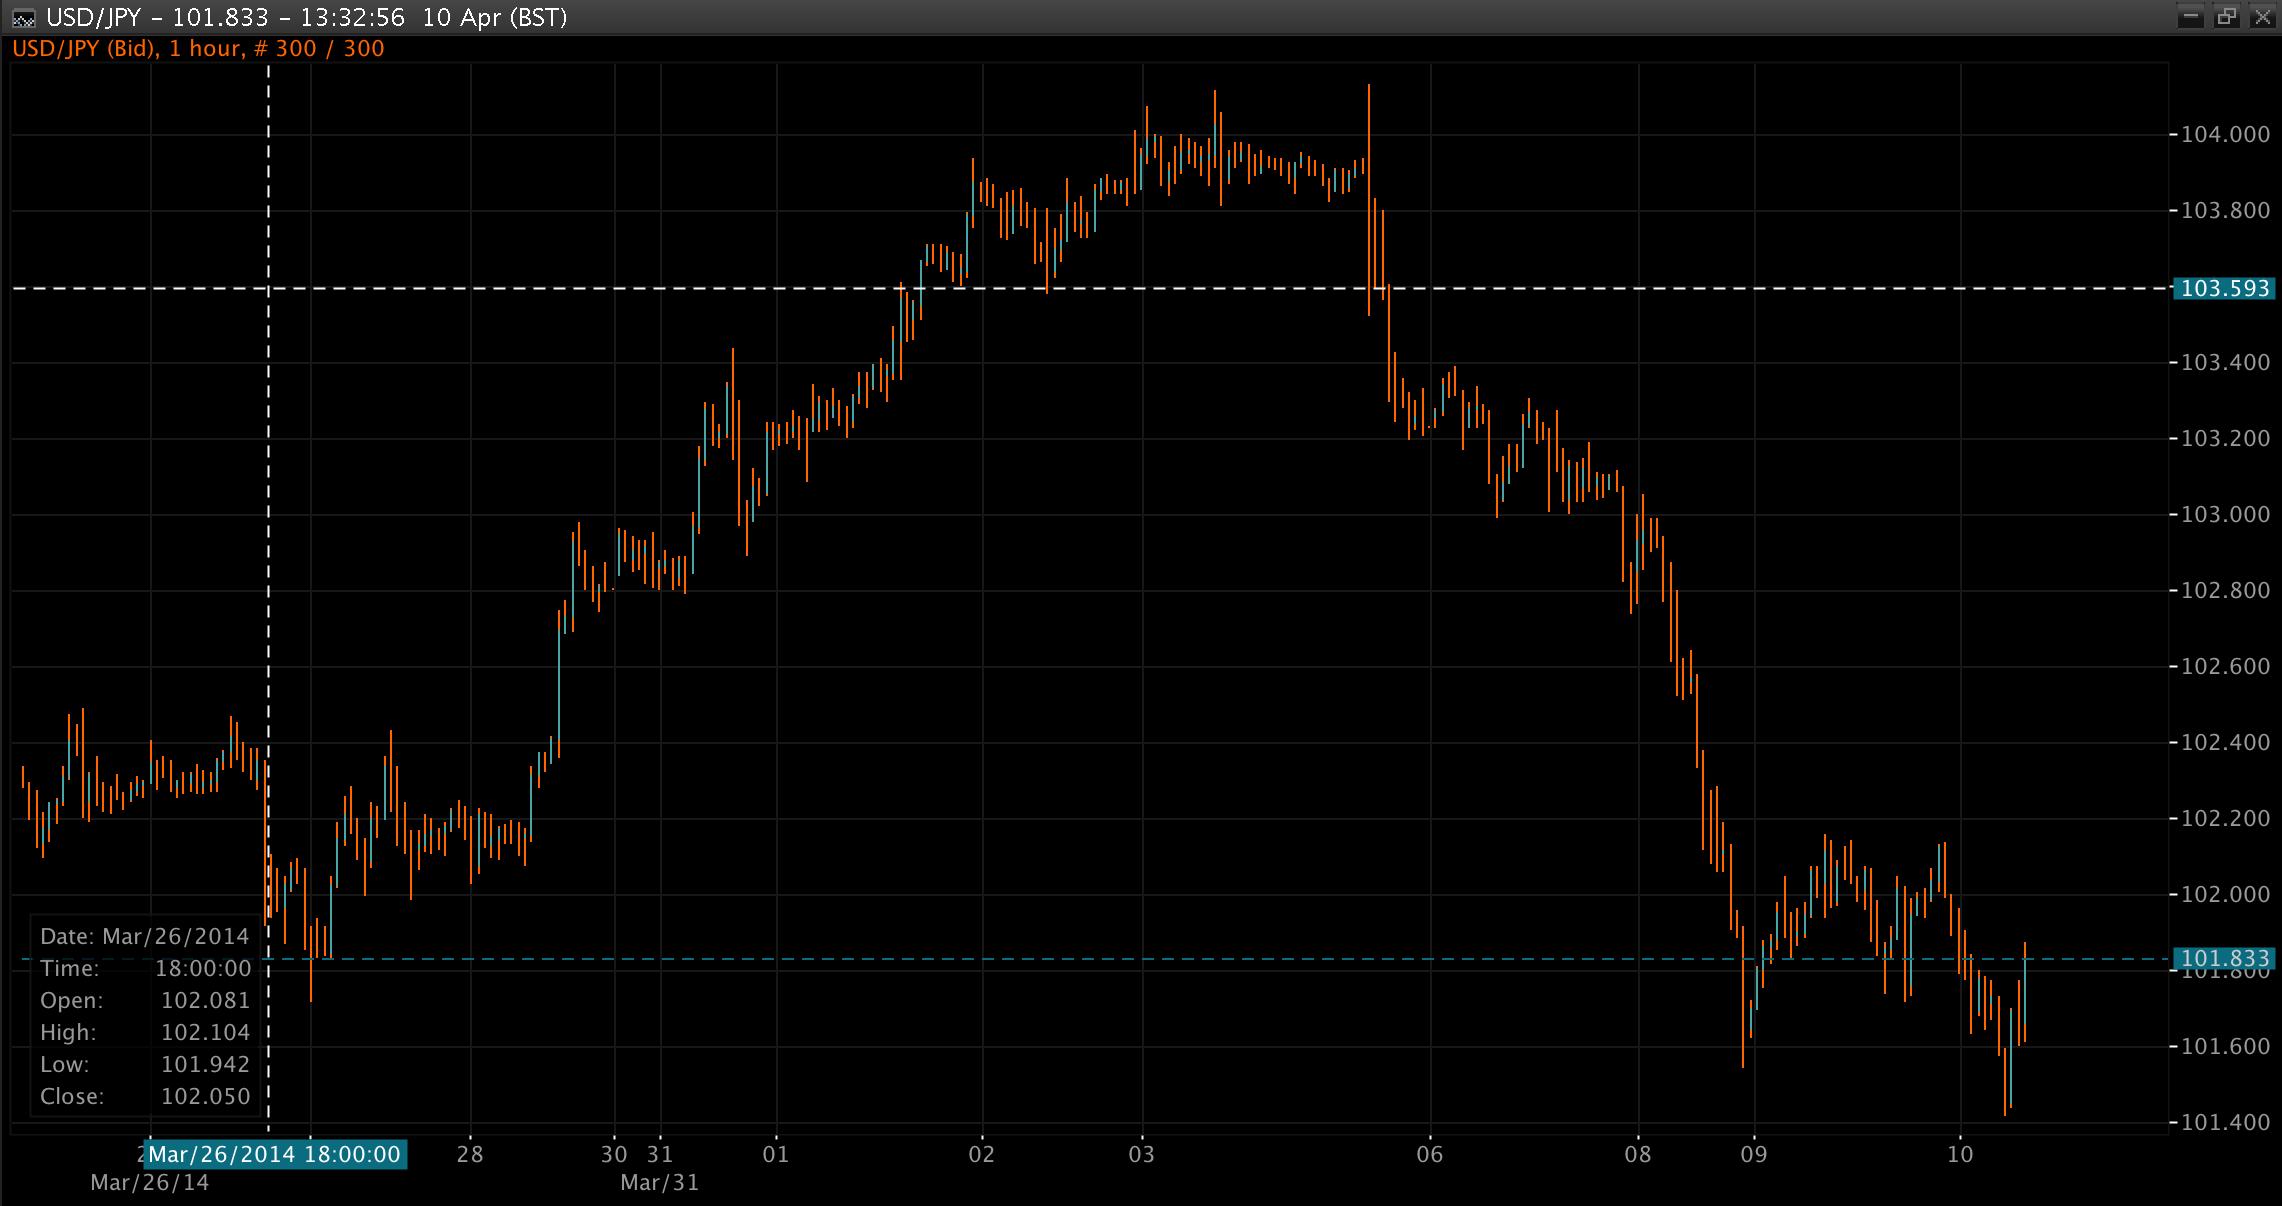 USD/JPY Chart 10 Apr 2014